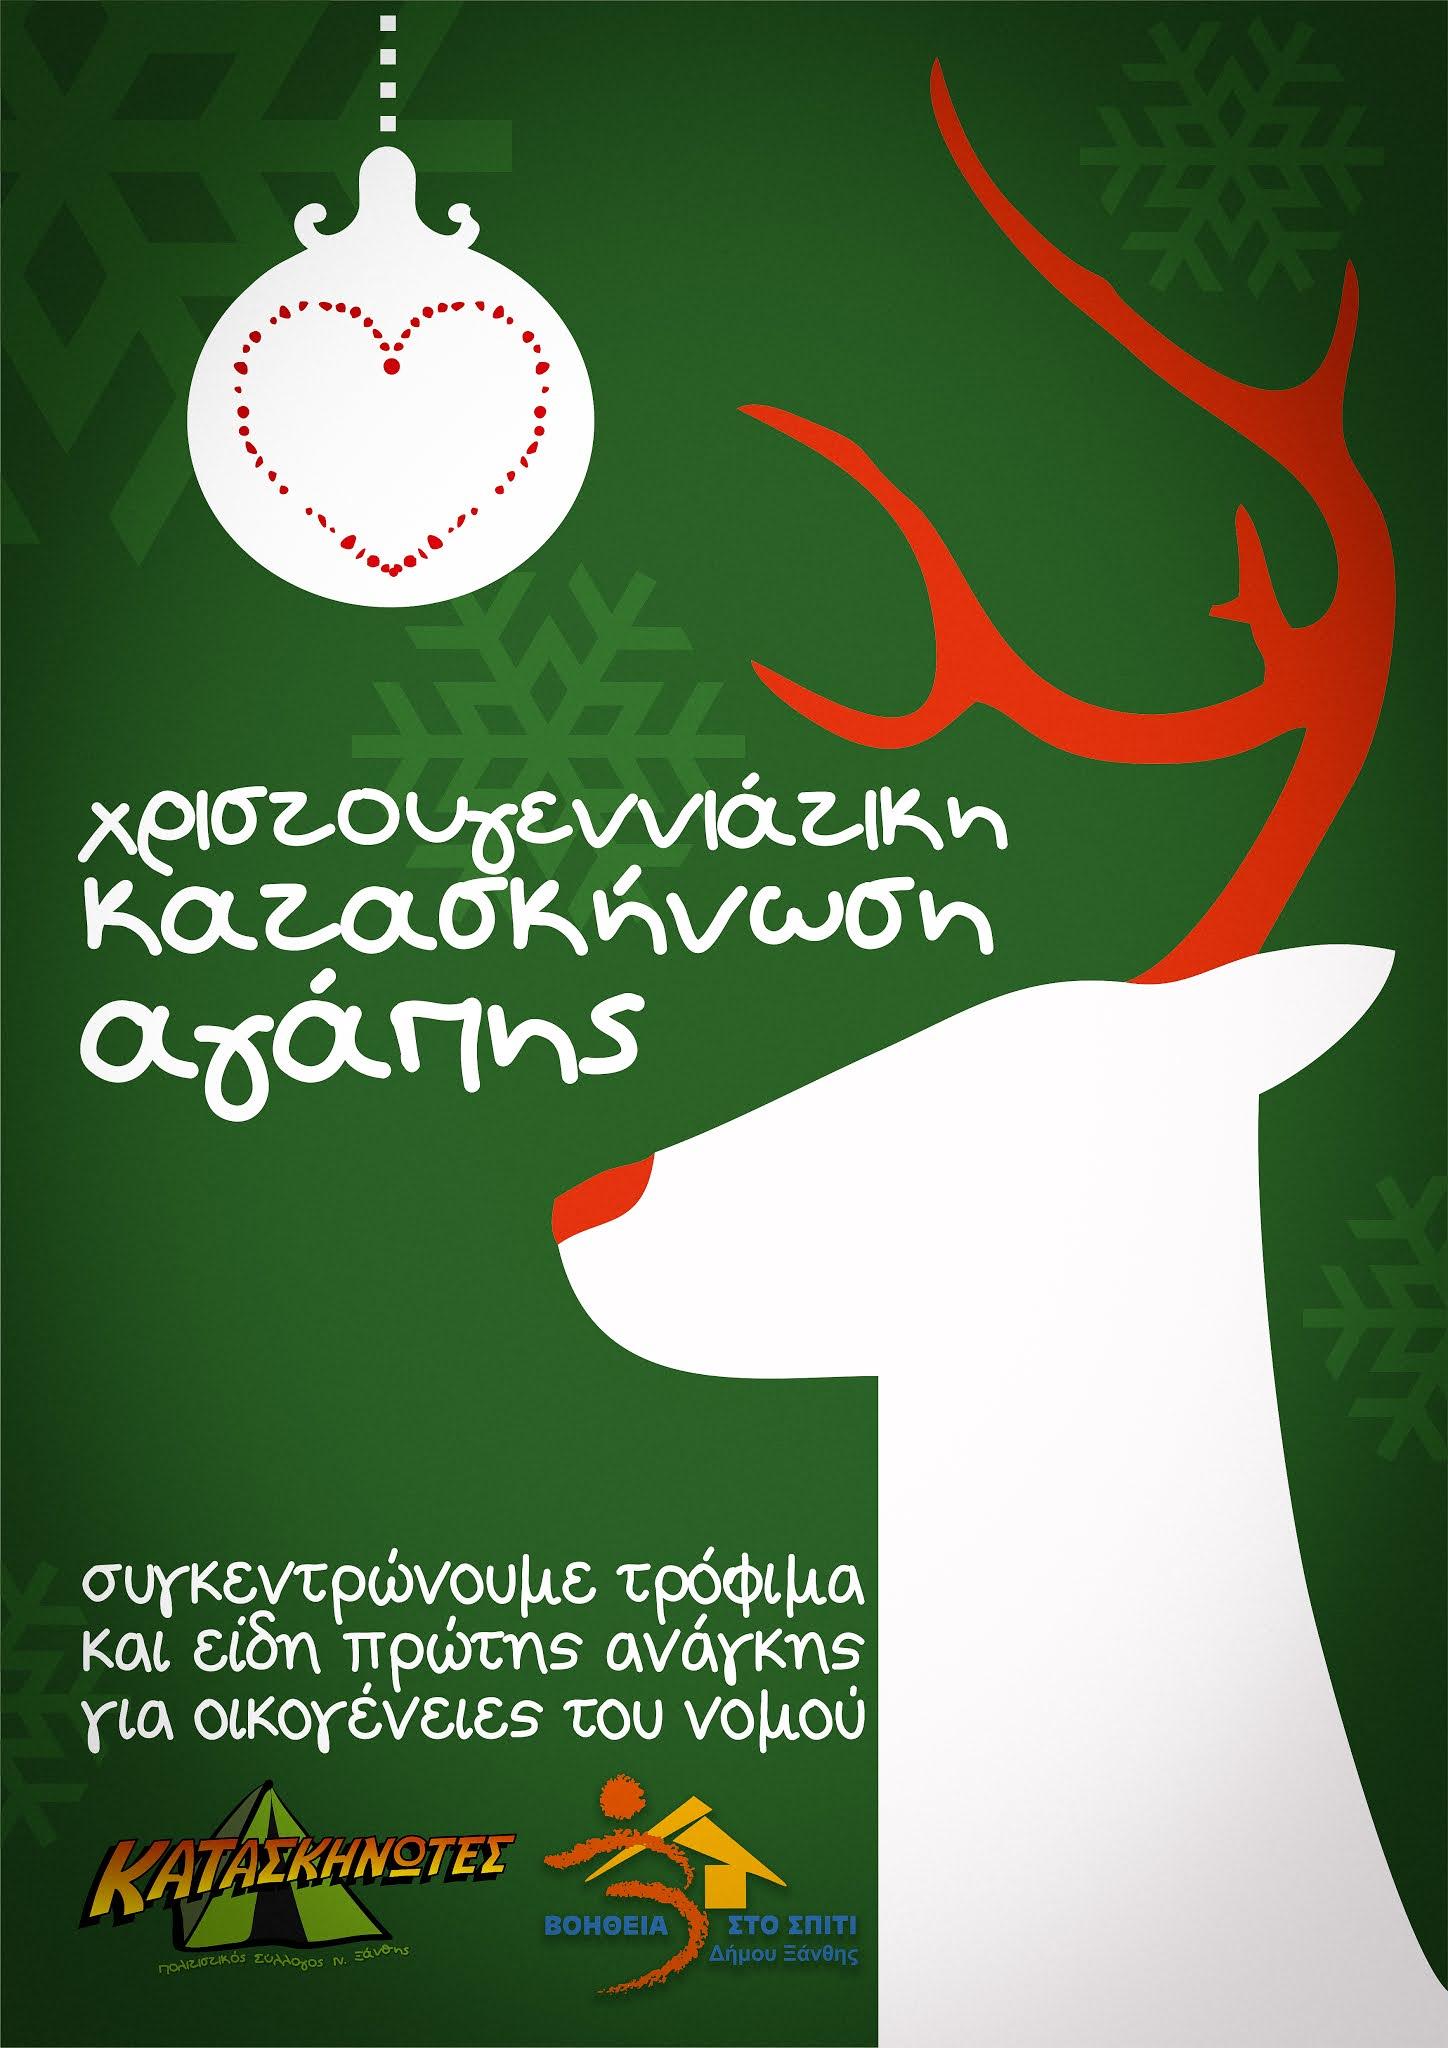 Χριστουγεννιάτικη Κατασκήνωση Αγάπης - Ολοκλήρωση δράσης